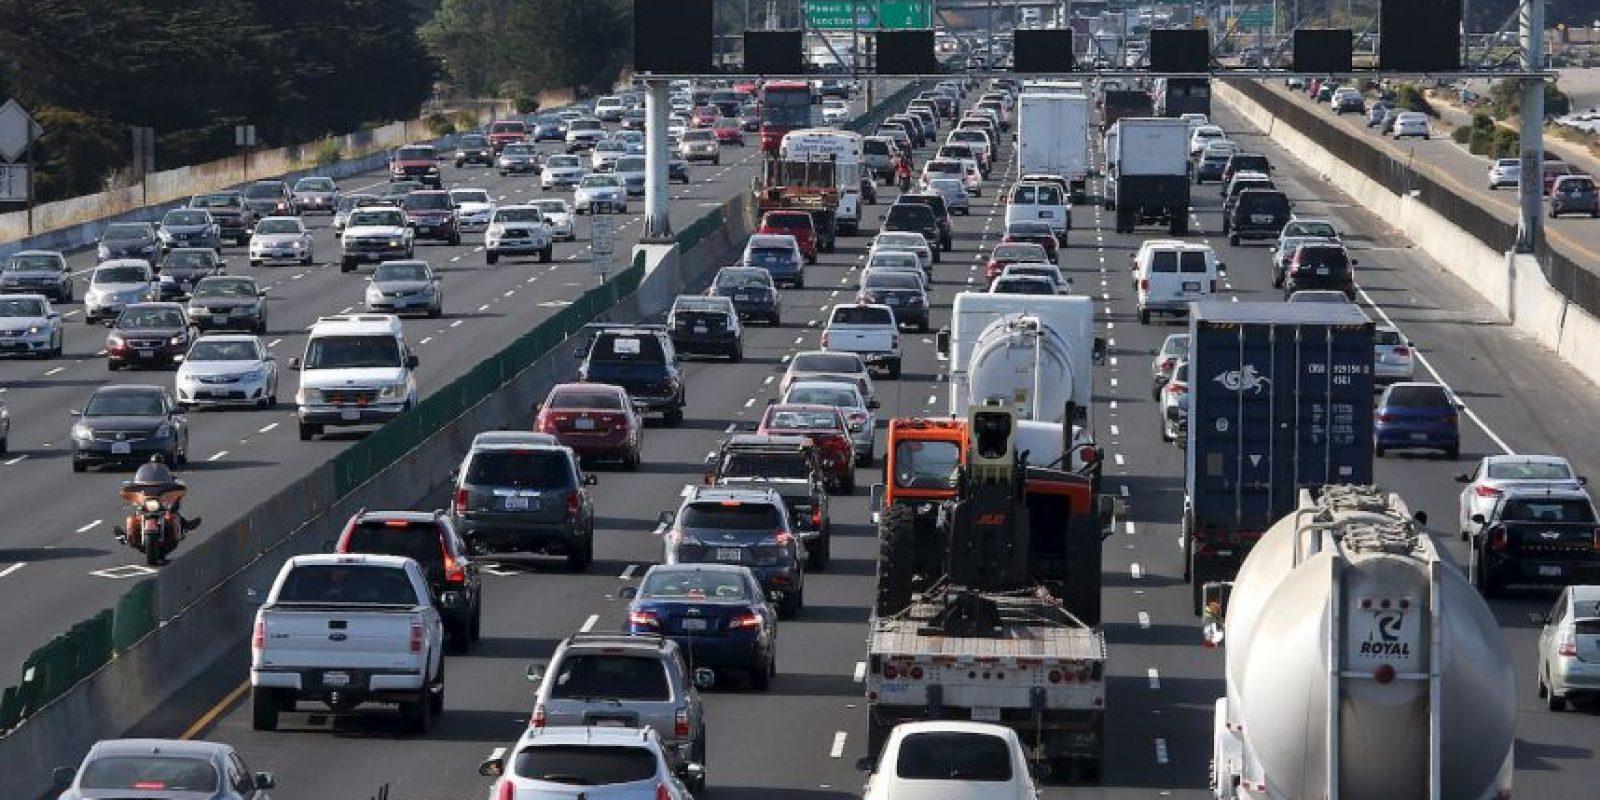 El Real Automóvil Club de Cataluña y el automóvil club suizo realizaron un estudio en el demostraron los riesgo que conllevan la altas temperaturas en los automóviles. Foto:Getty Images